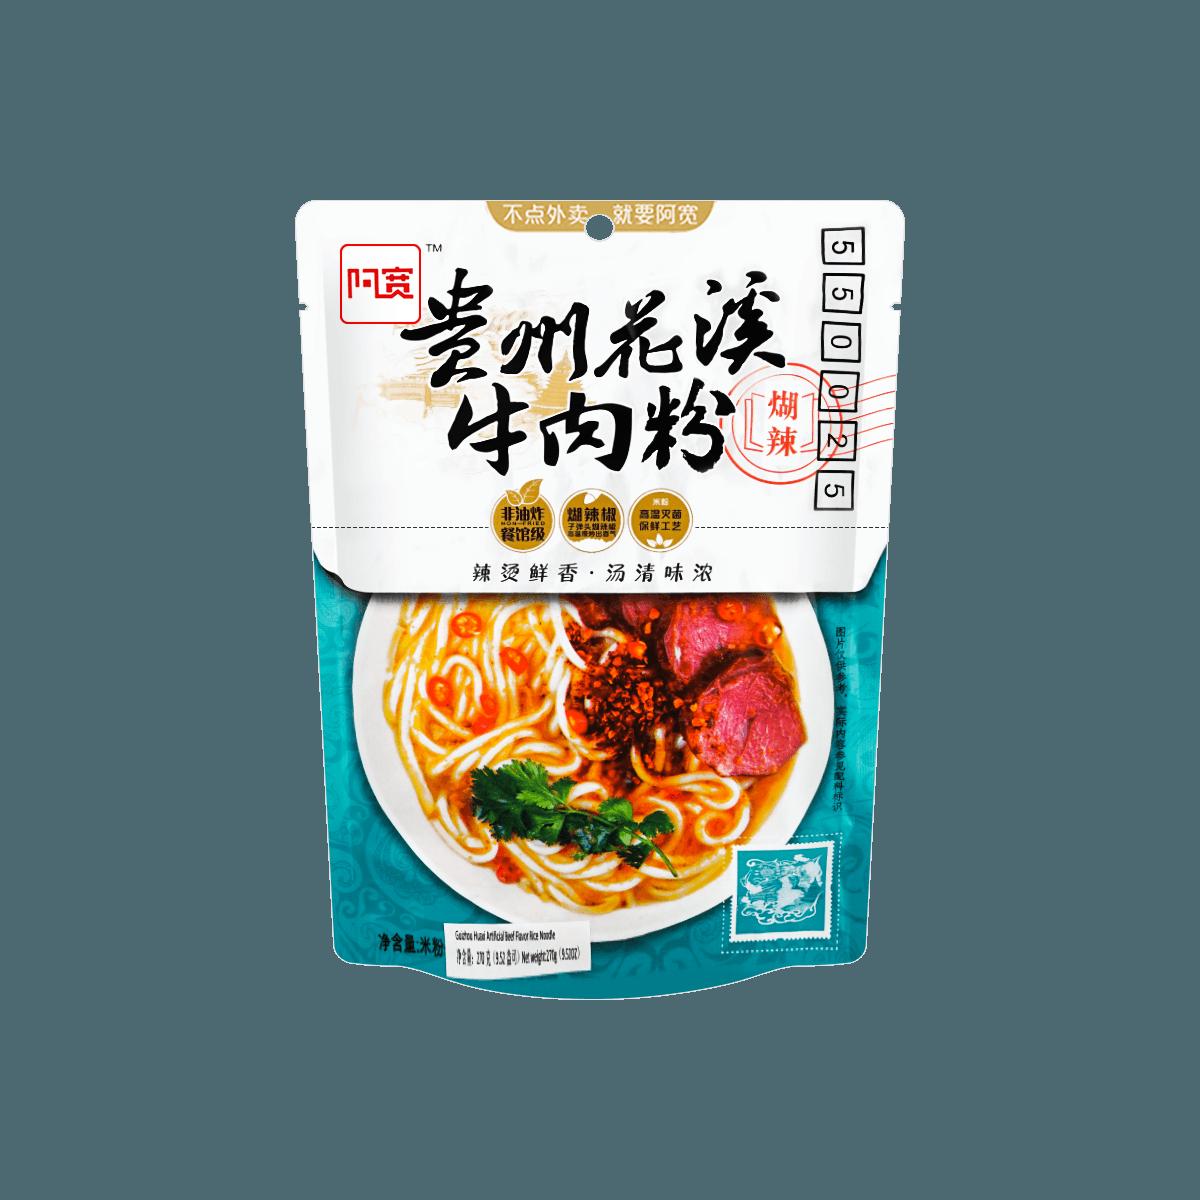 【新升级湿粉 口感更佳】白家陈记 贵州花溪牛肉粉 270g 包装随机发送 怎么样 - 亚米网